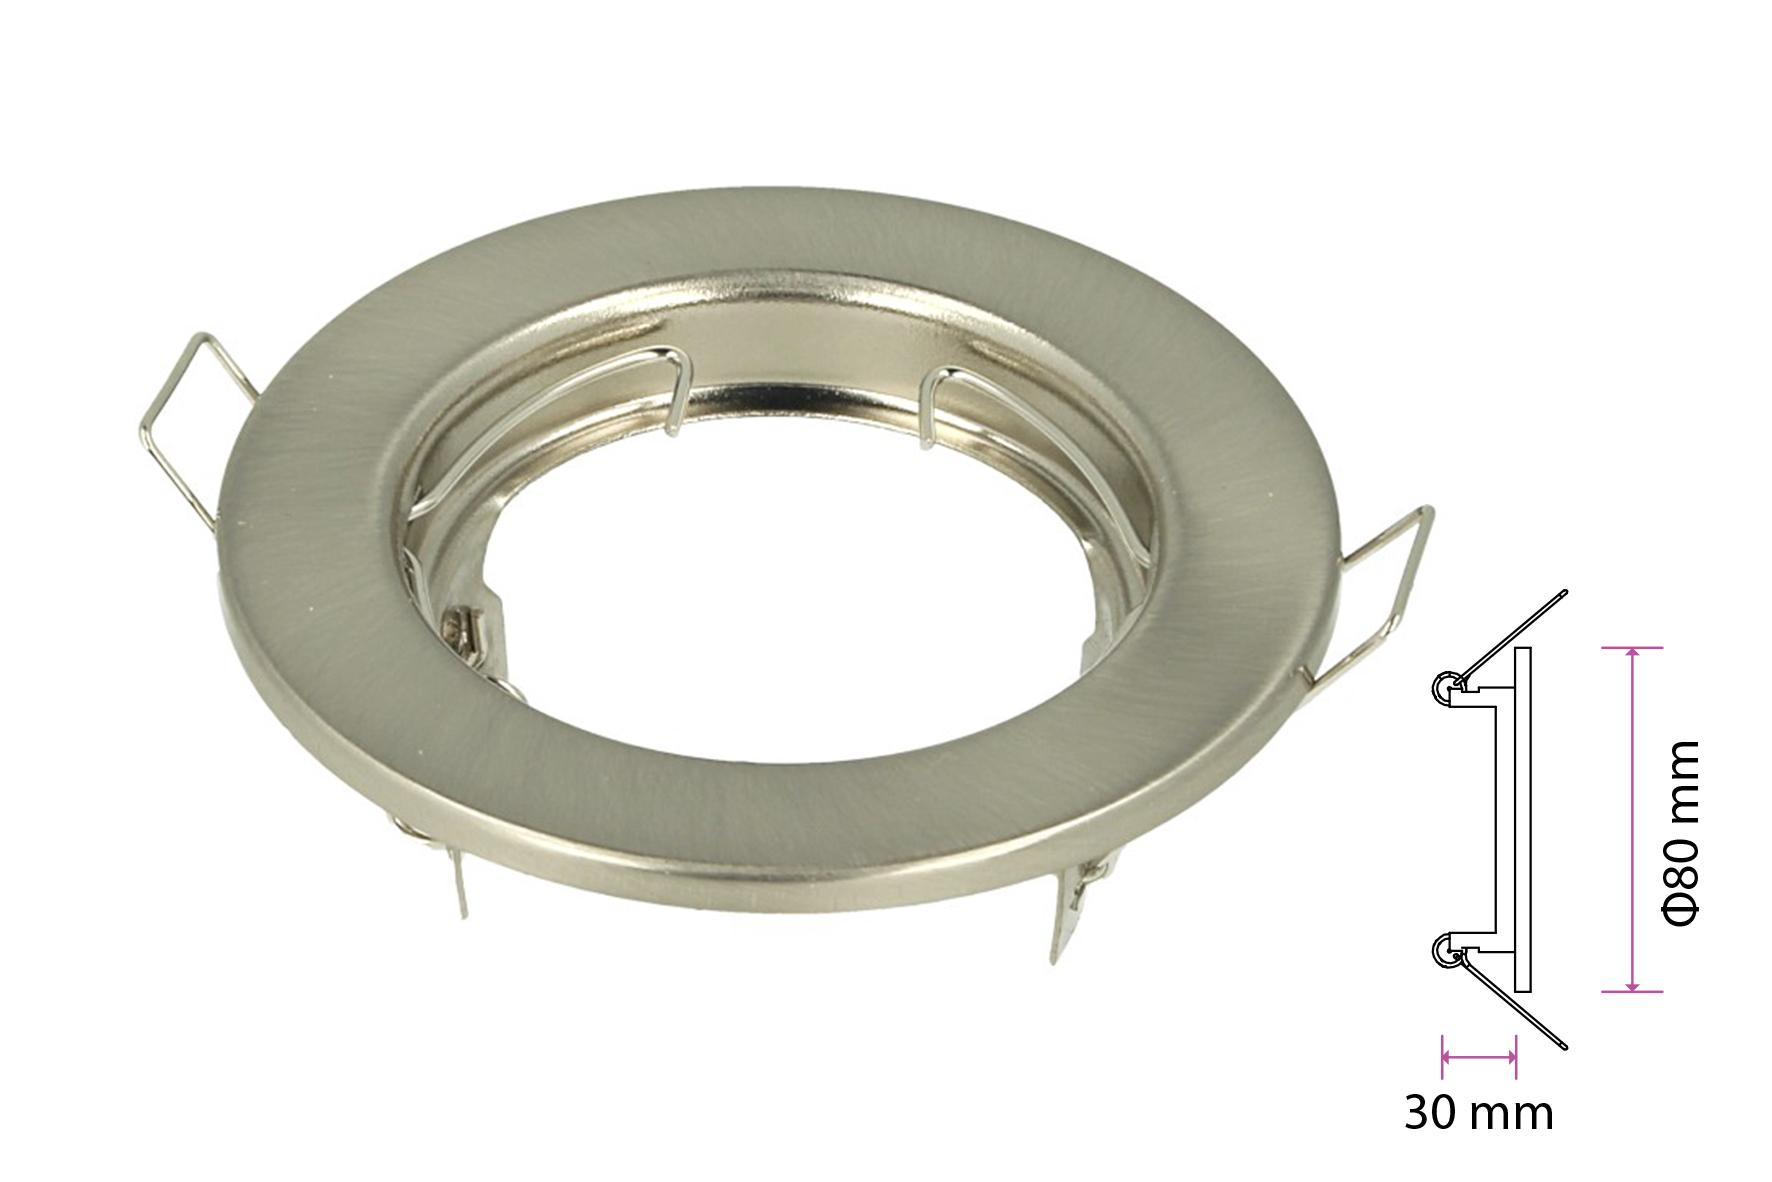 2 PZ Porta Faretti Led GU10 MR16 Rotondo Fisso Con Molla Satinato Spotlight Fitting SKU-3585 - KIT